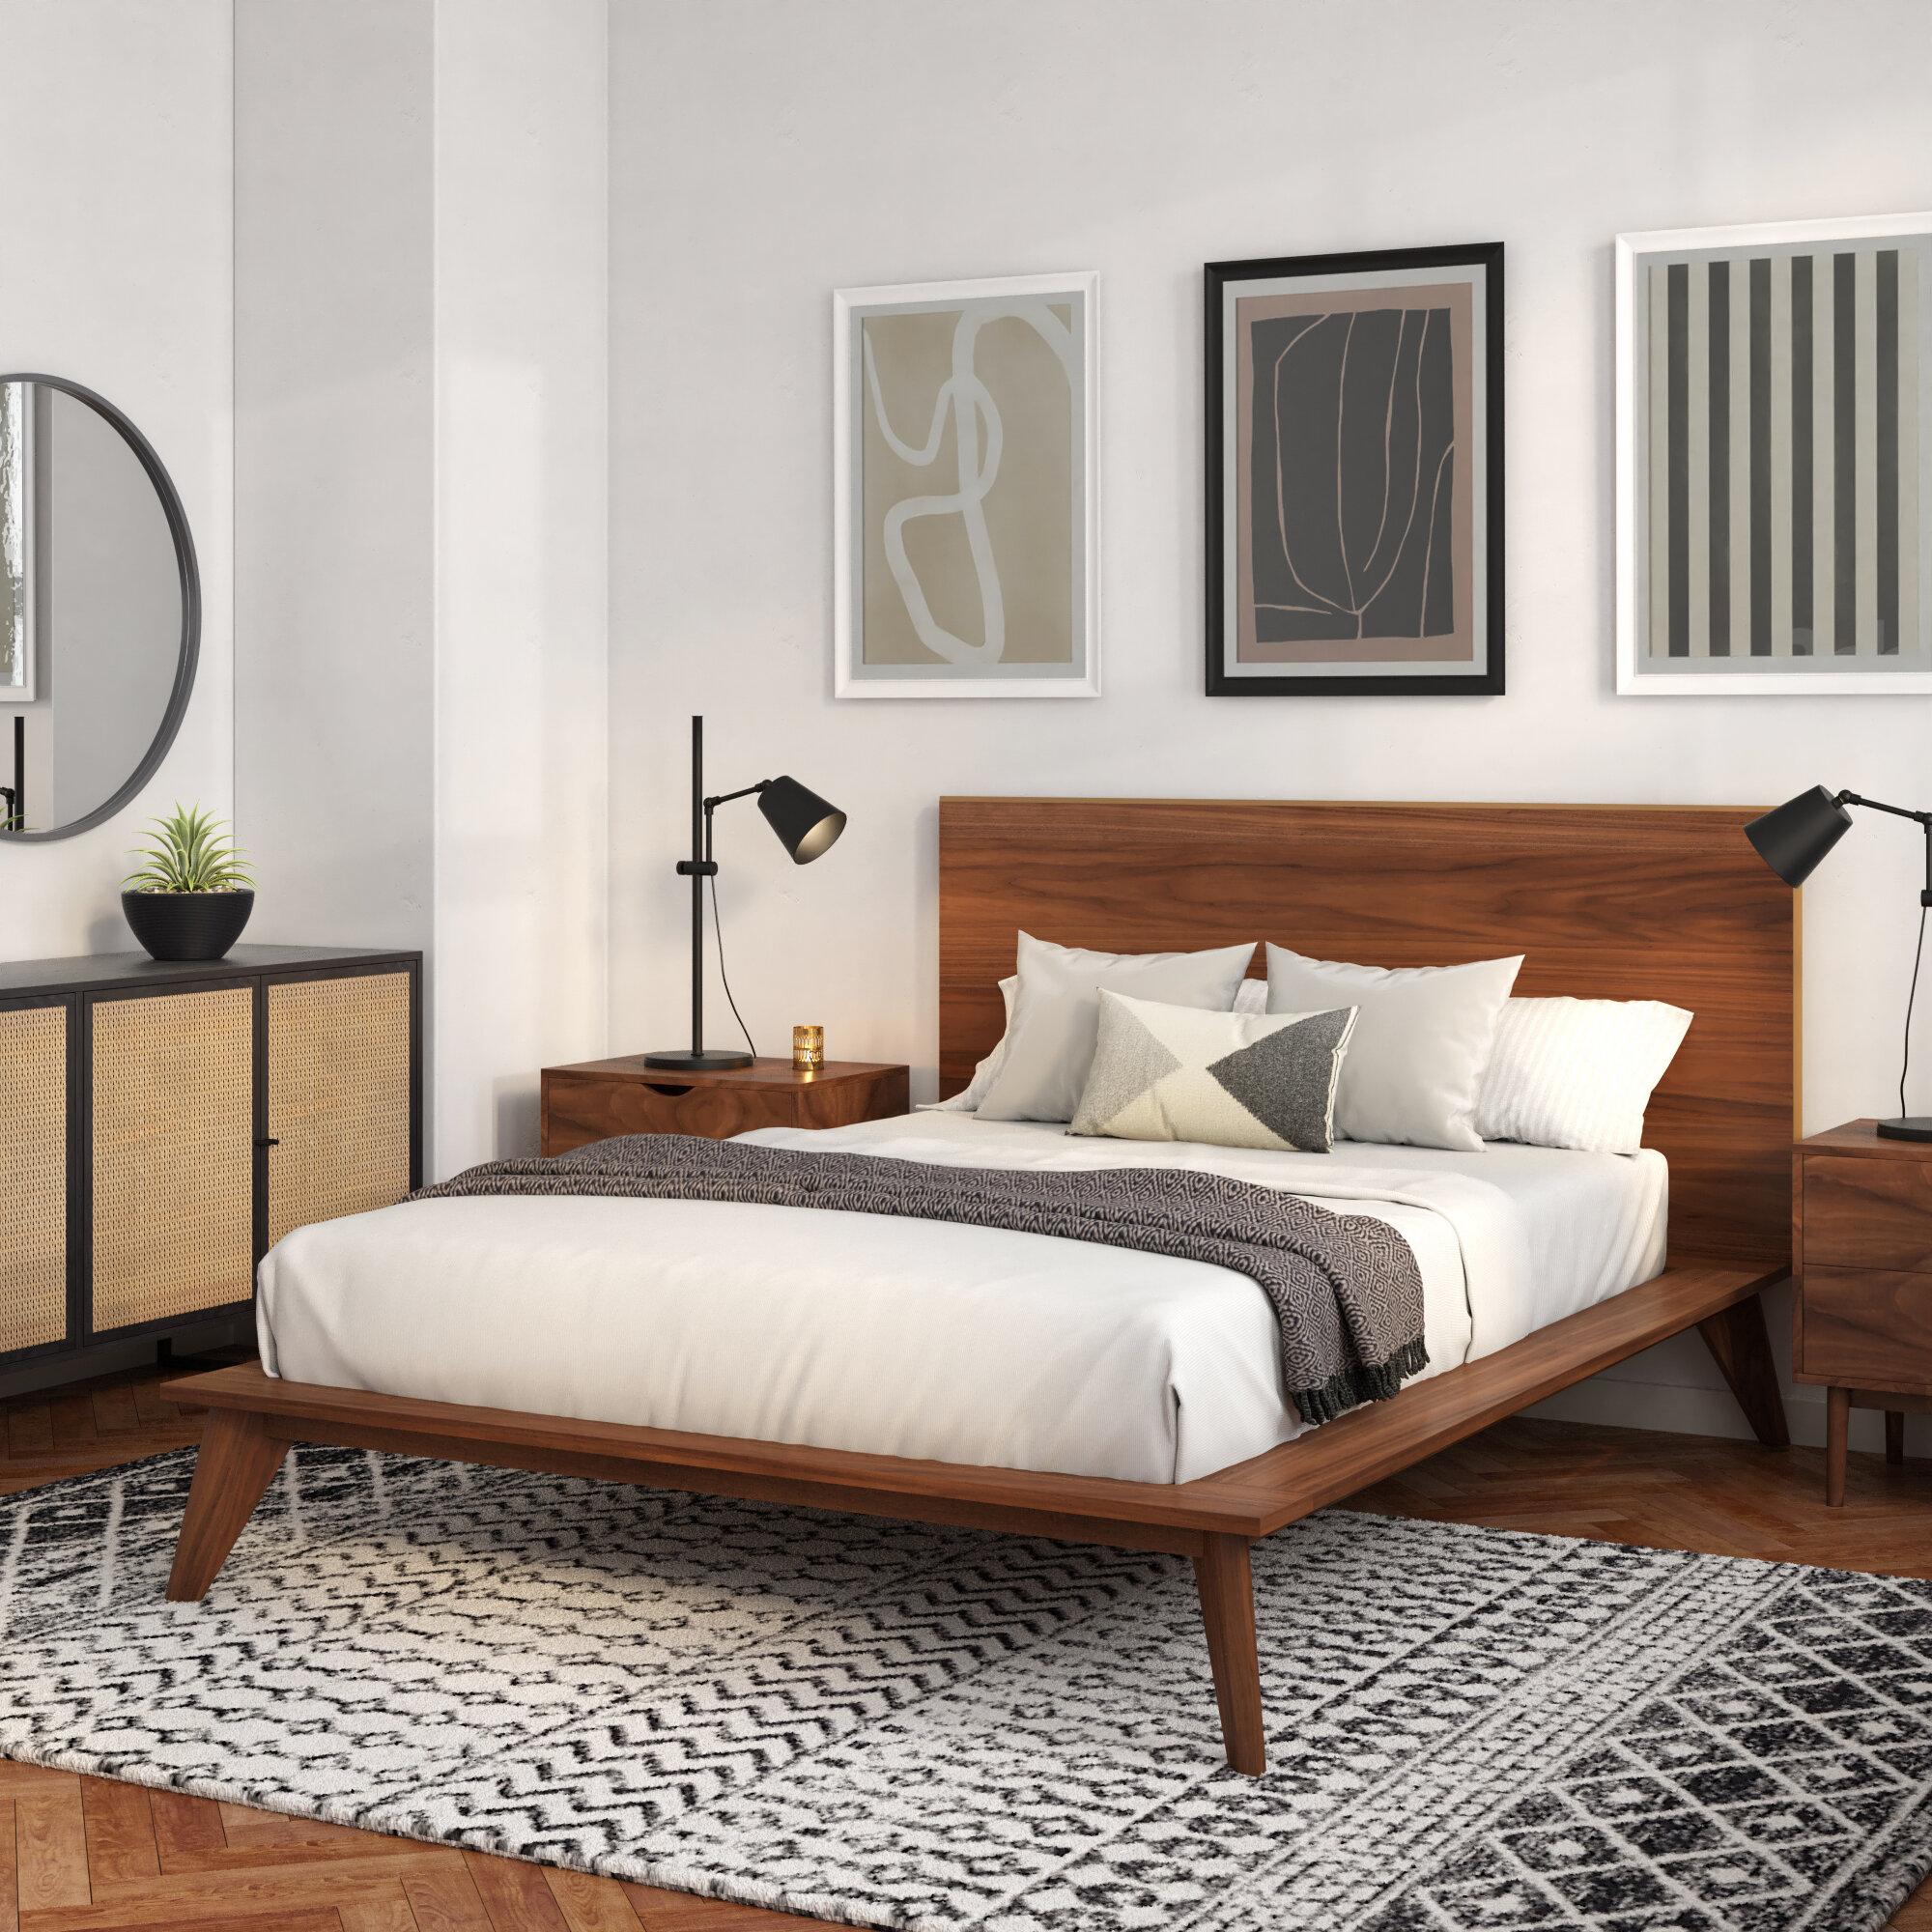 Araujo Solid Wood Platform 3 Piece Bedroom Set Reviews Allmodern